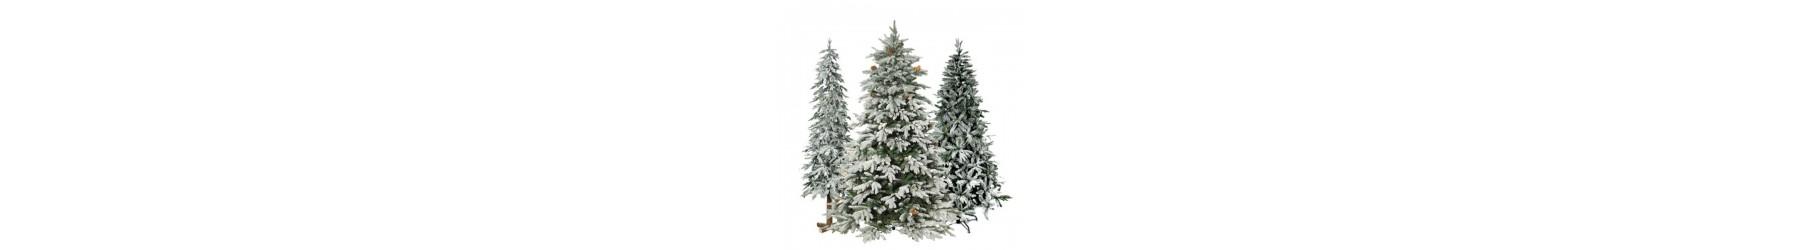 Δέντρα παραδοσιακά με χιονισμένα κλαδιά σε διάφορα σχέδια